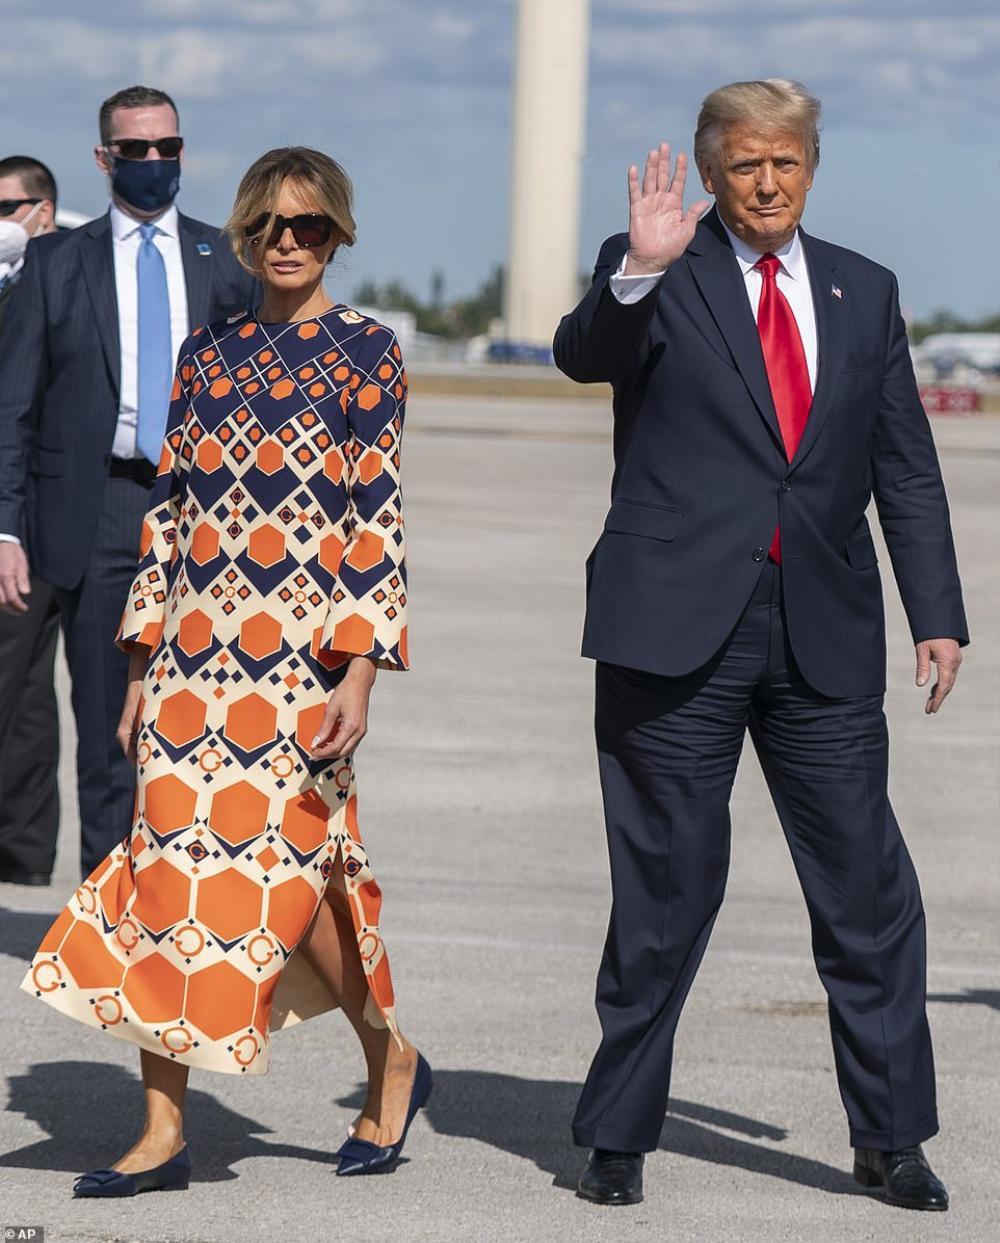 Tân Đệ nhất phu nhân Mỹ Jill Biden và Melania Trump 'so kè' trang phục cực gắt tại lễ nhậm chức Ảnh 12